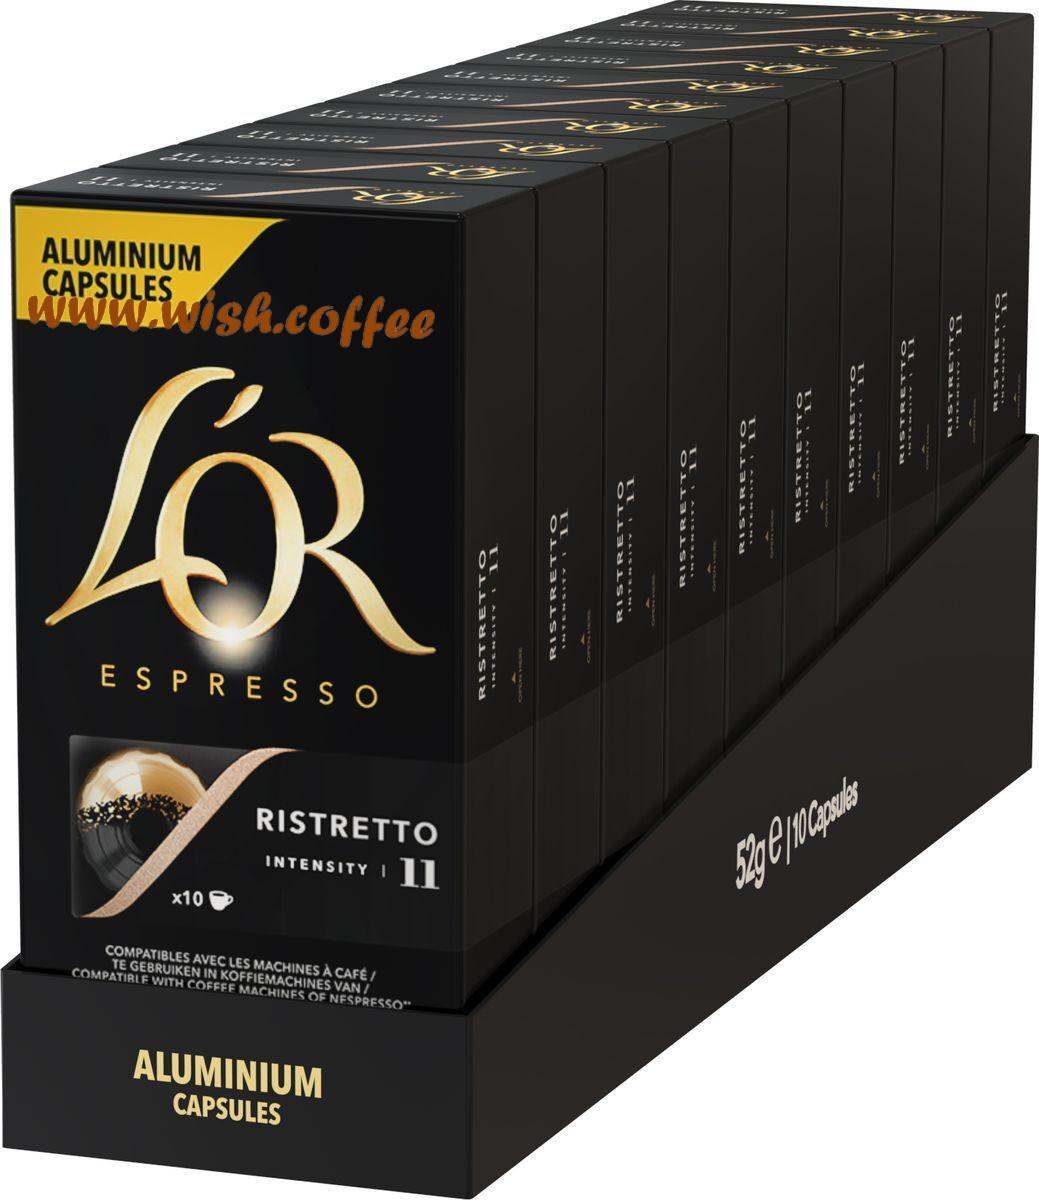 АКЦИЯ 55 грн/шт! Сет Nespresso L'or  Ristretto (10 упаковок по 10 капсул)